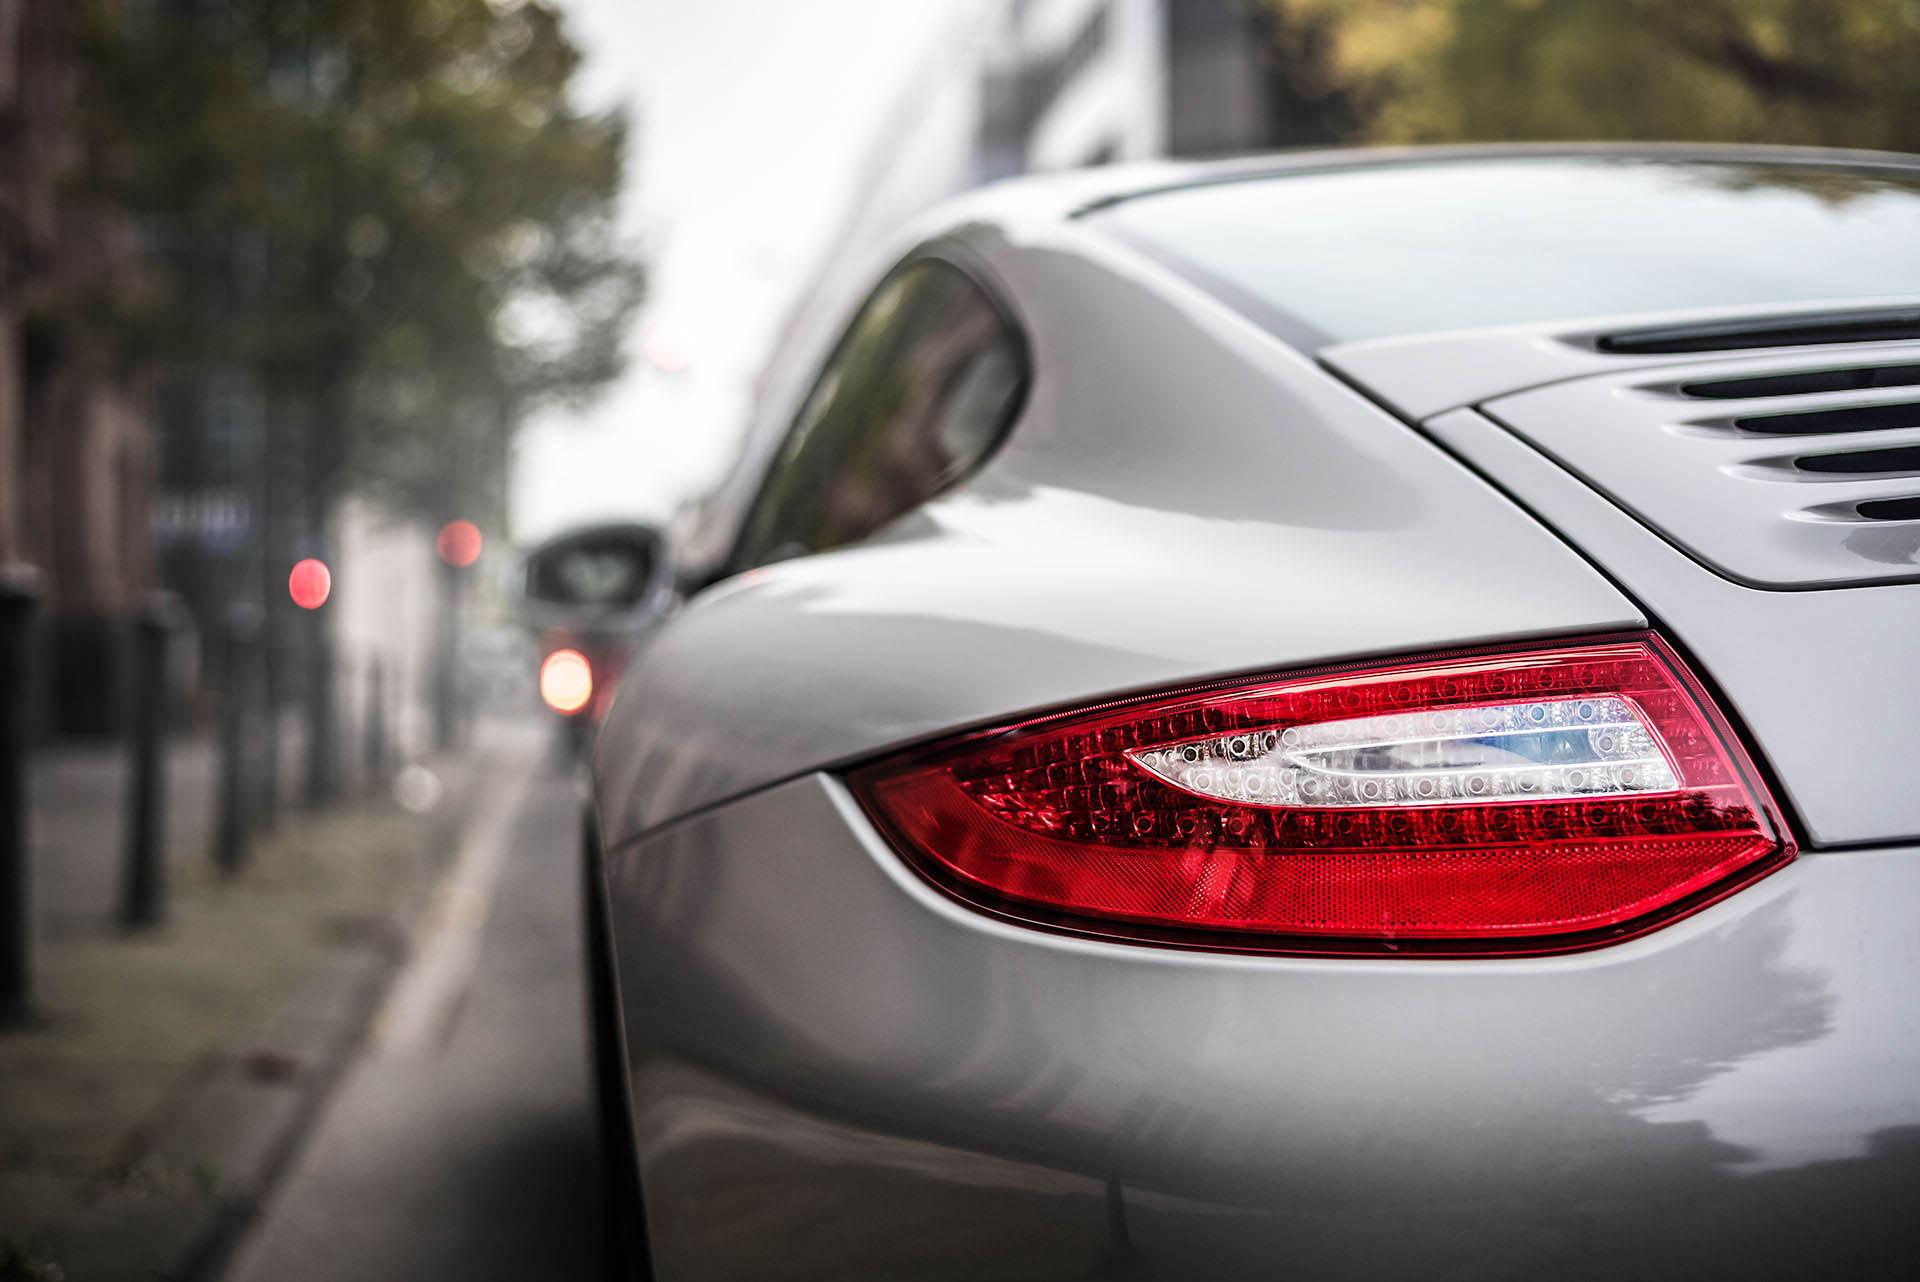 B&K_Sportwagen_Rheinland_GmbH_Porsche_997_4GTS_grau_4